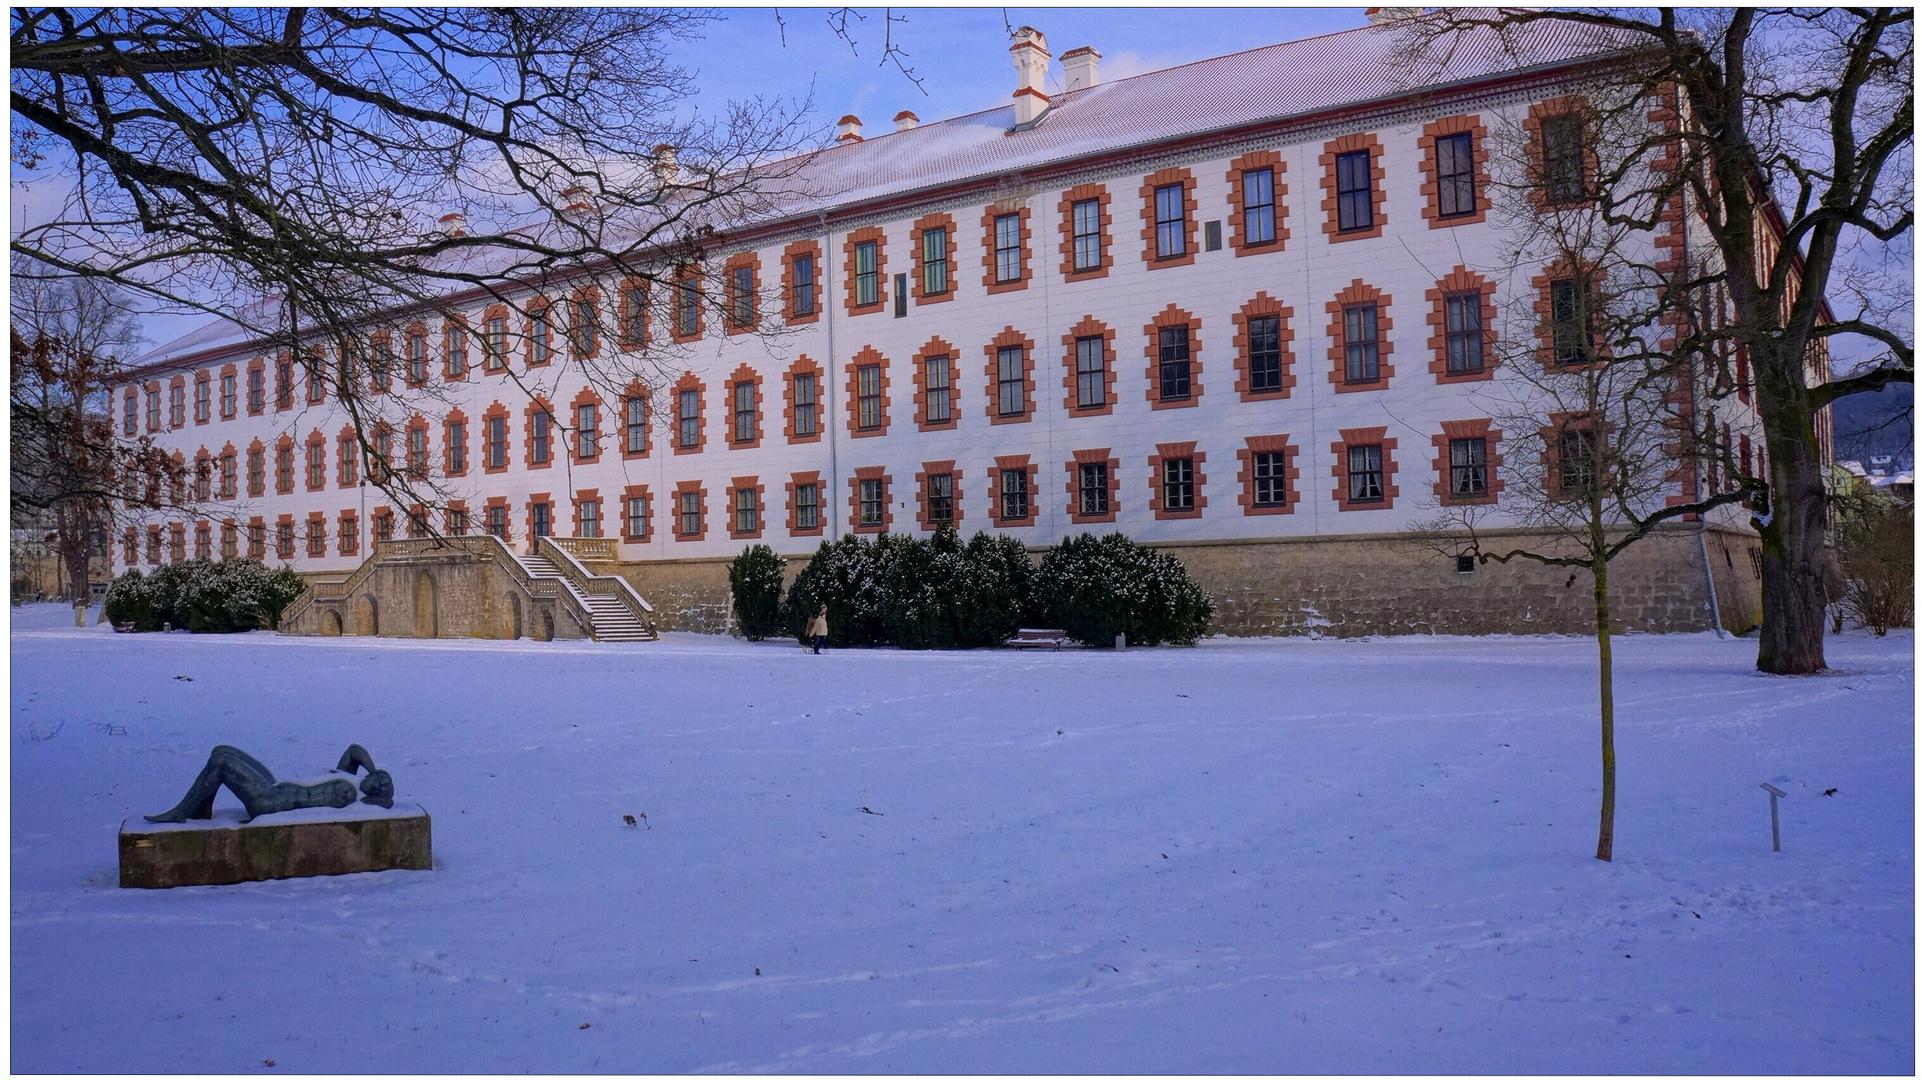 Heute in Meiningen V (hoy en Meiningen V)